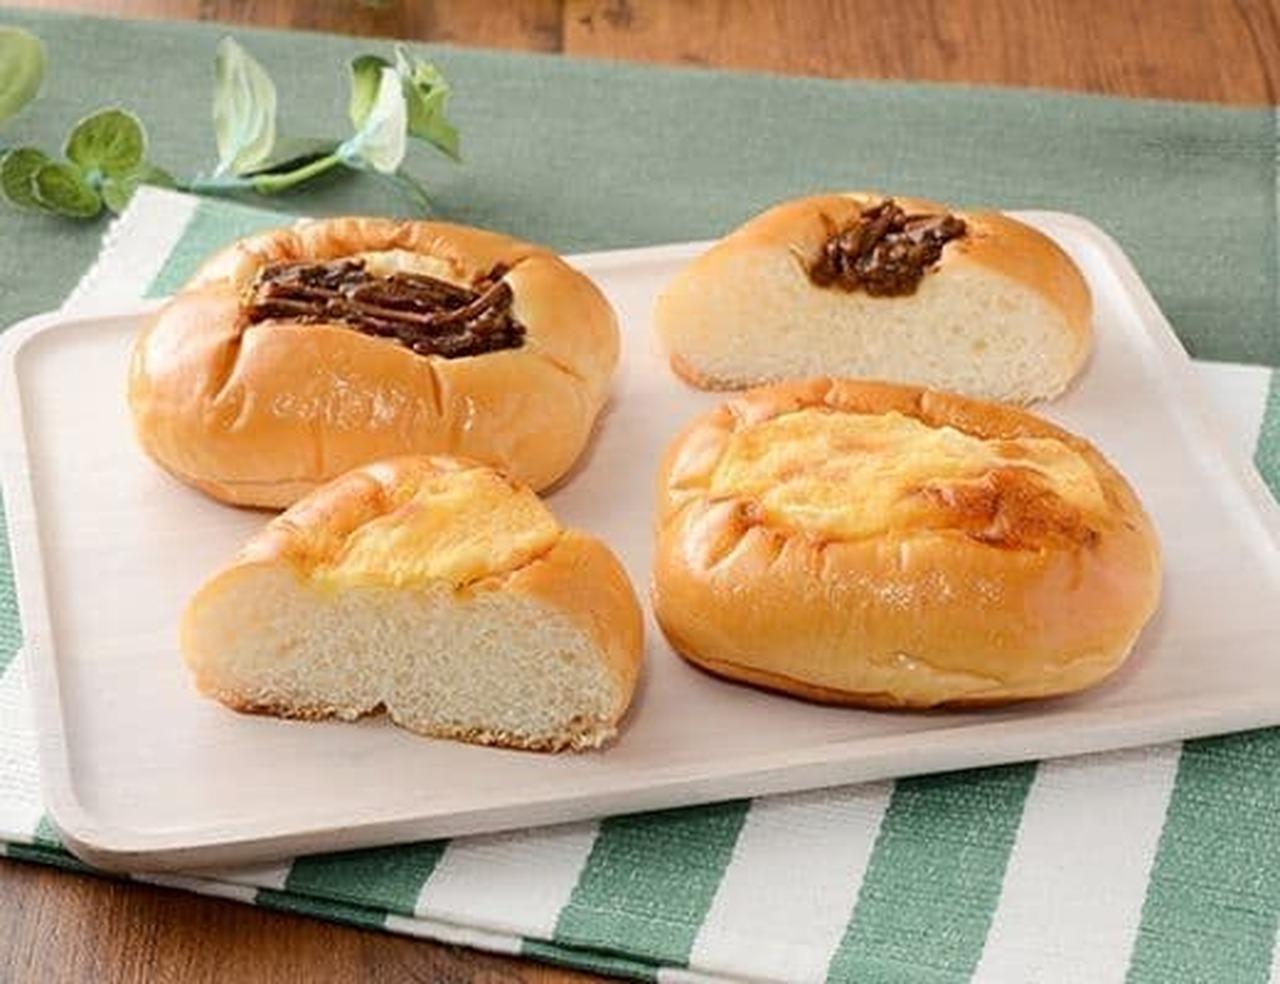 ローソン「焼きそばパンとたまごパン 4個入」